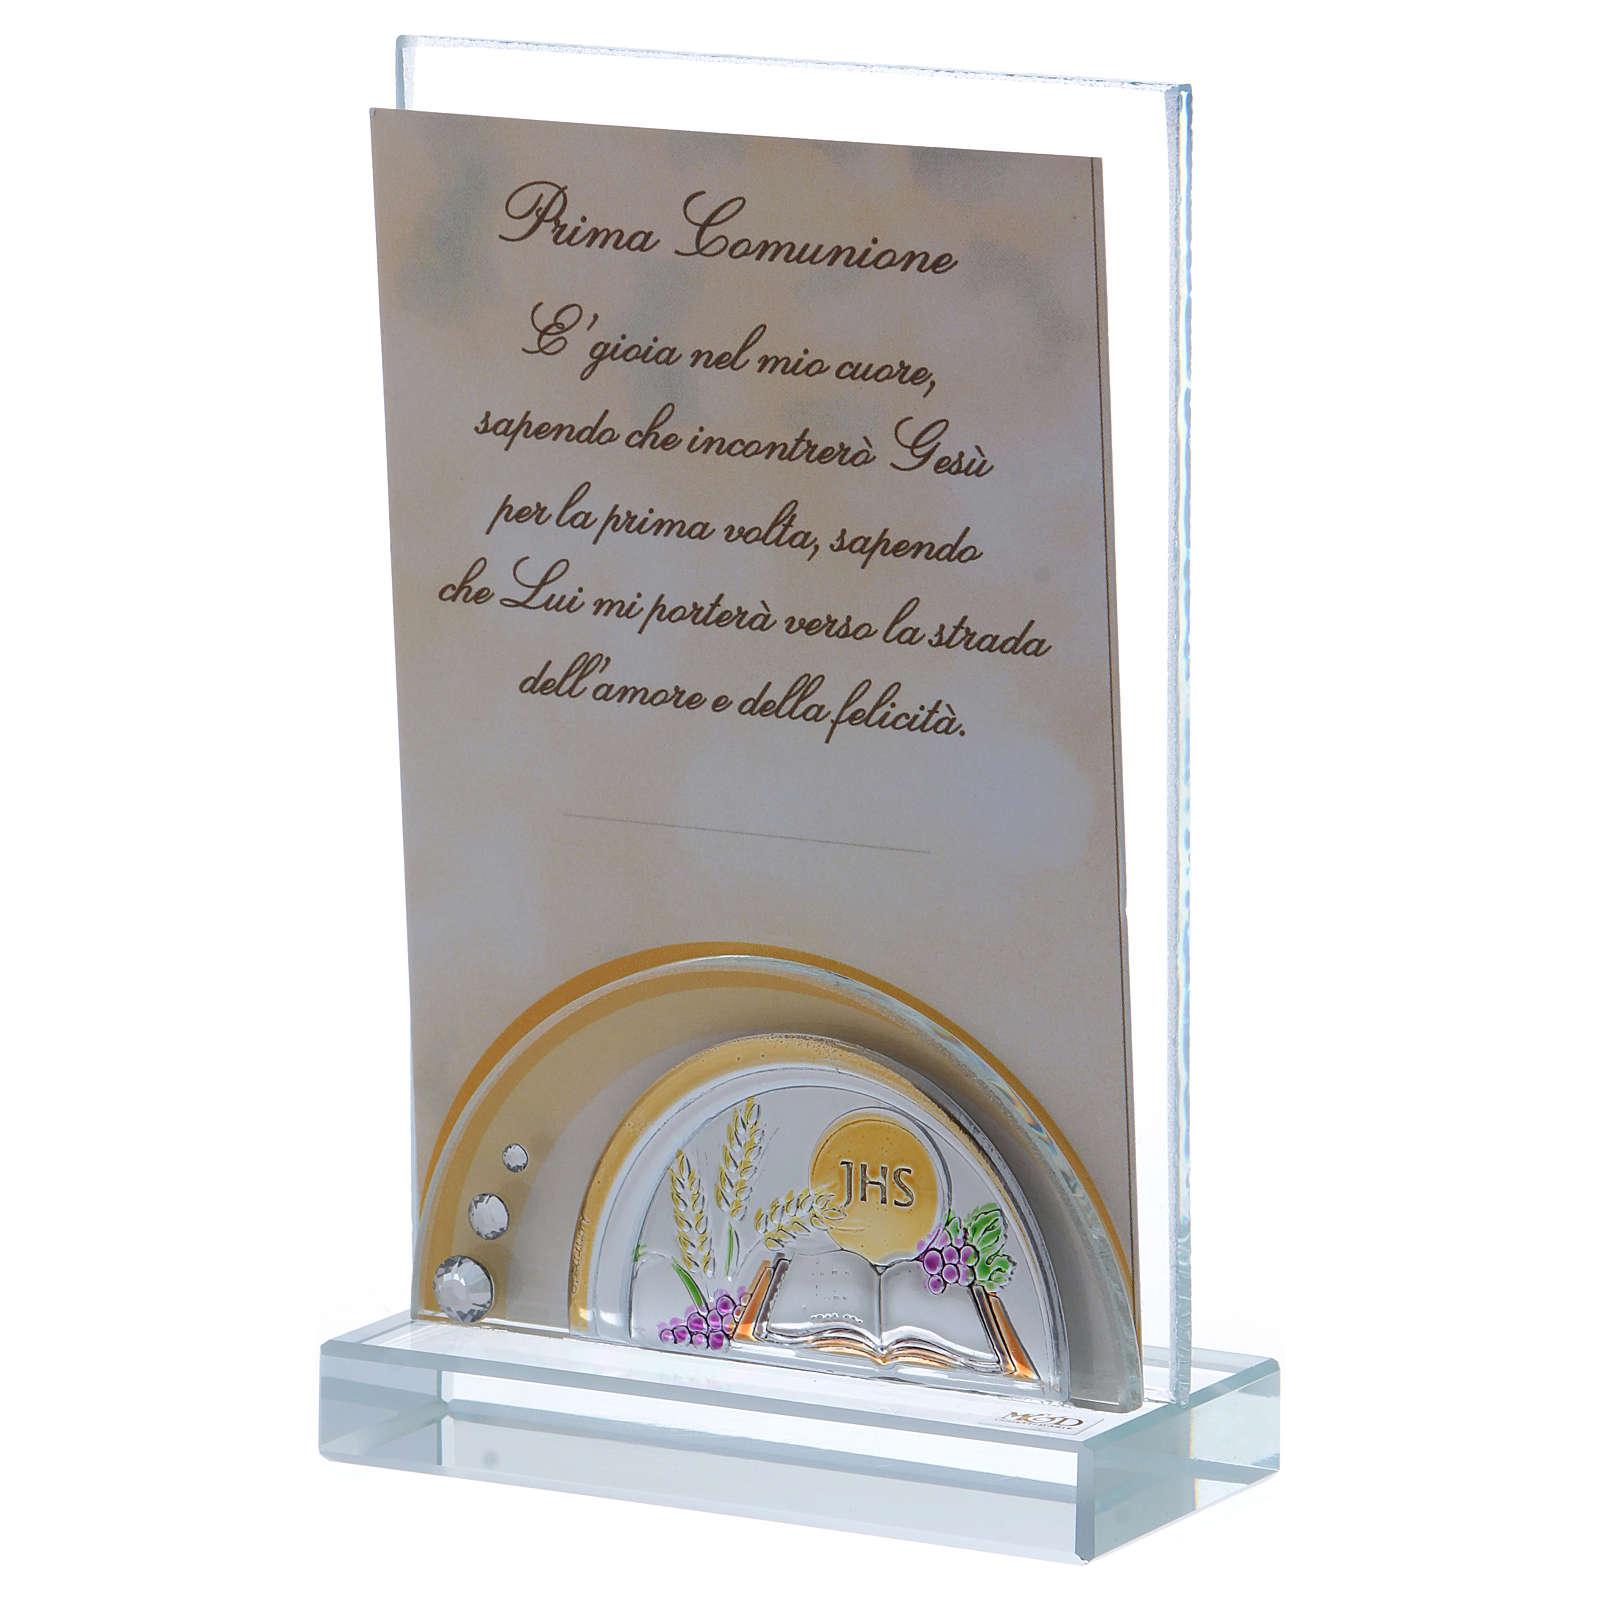 Bomboniera Prima Comunione cornice 15x10 cm 3